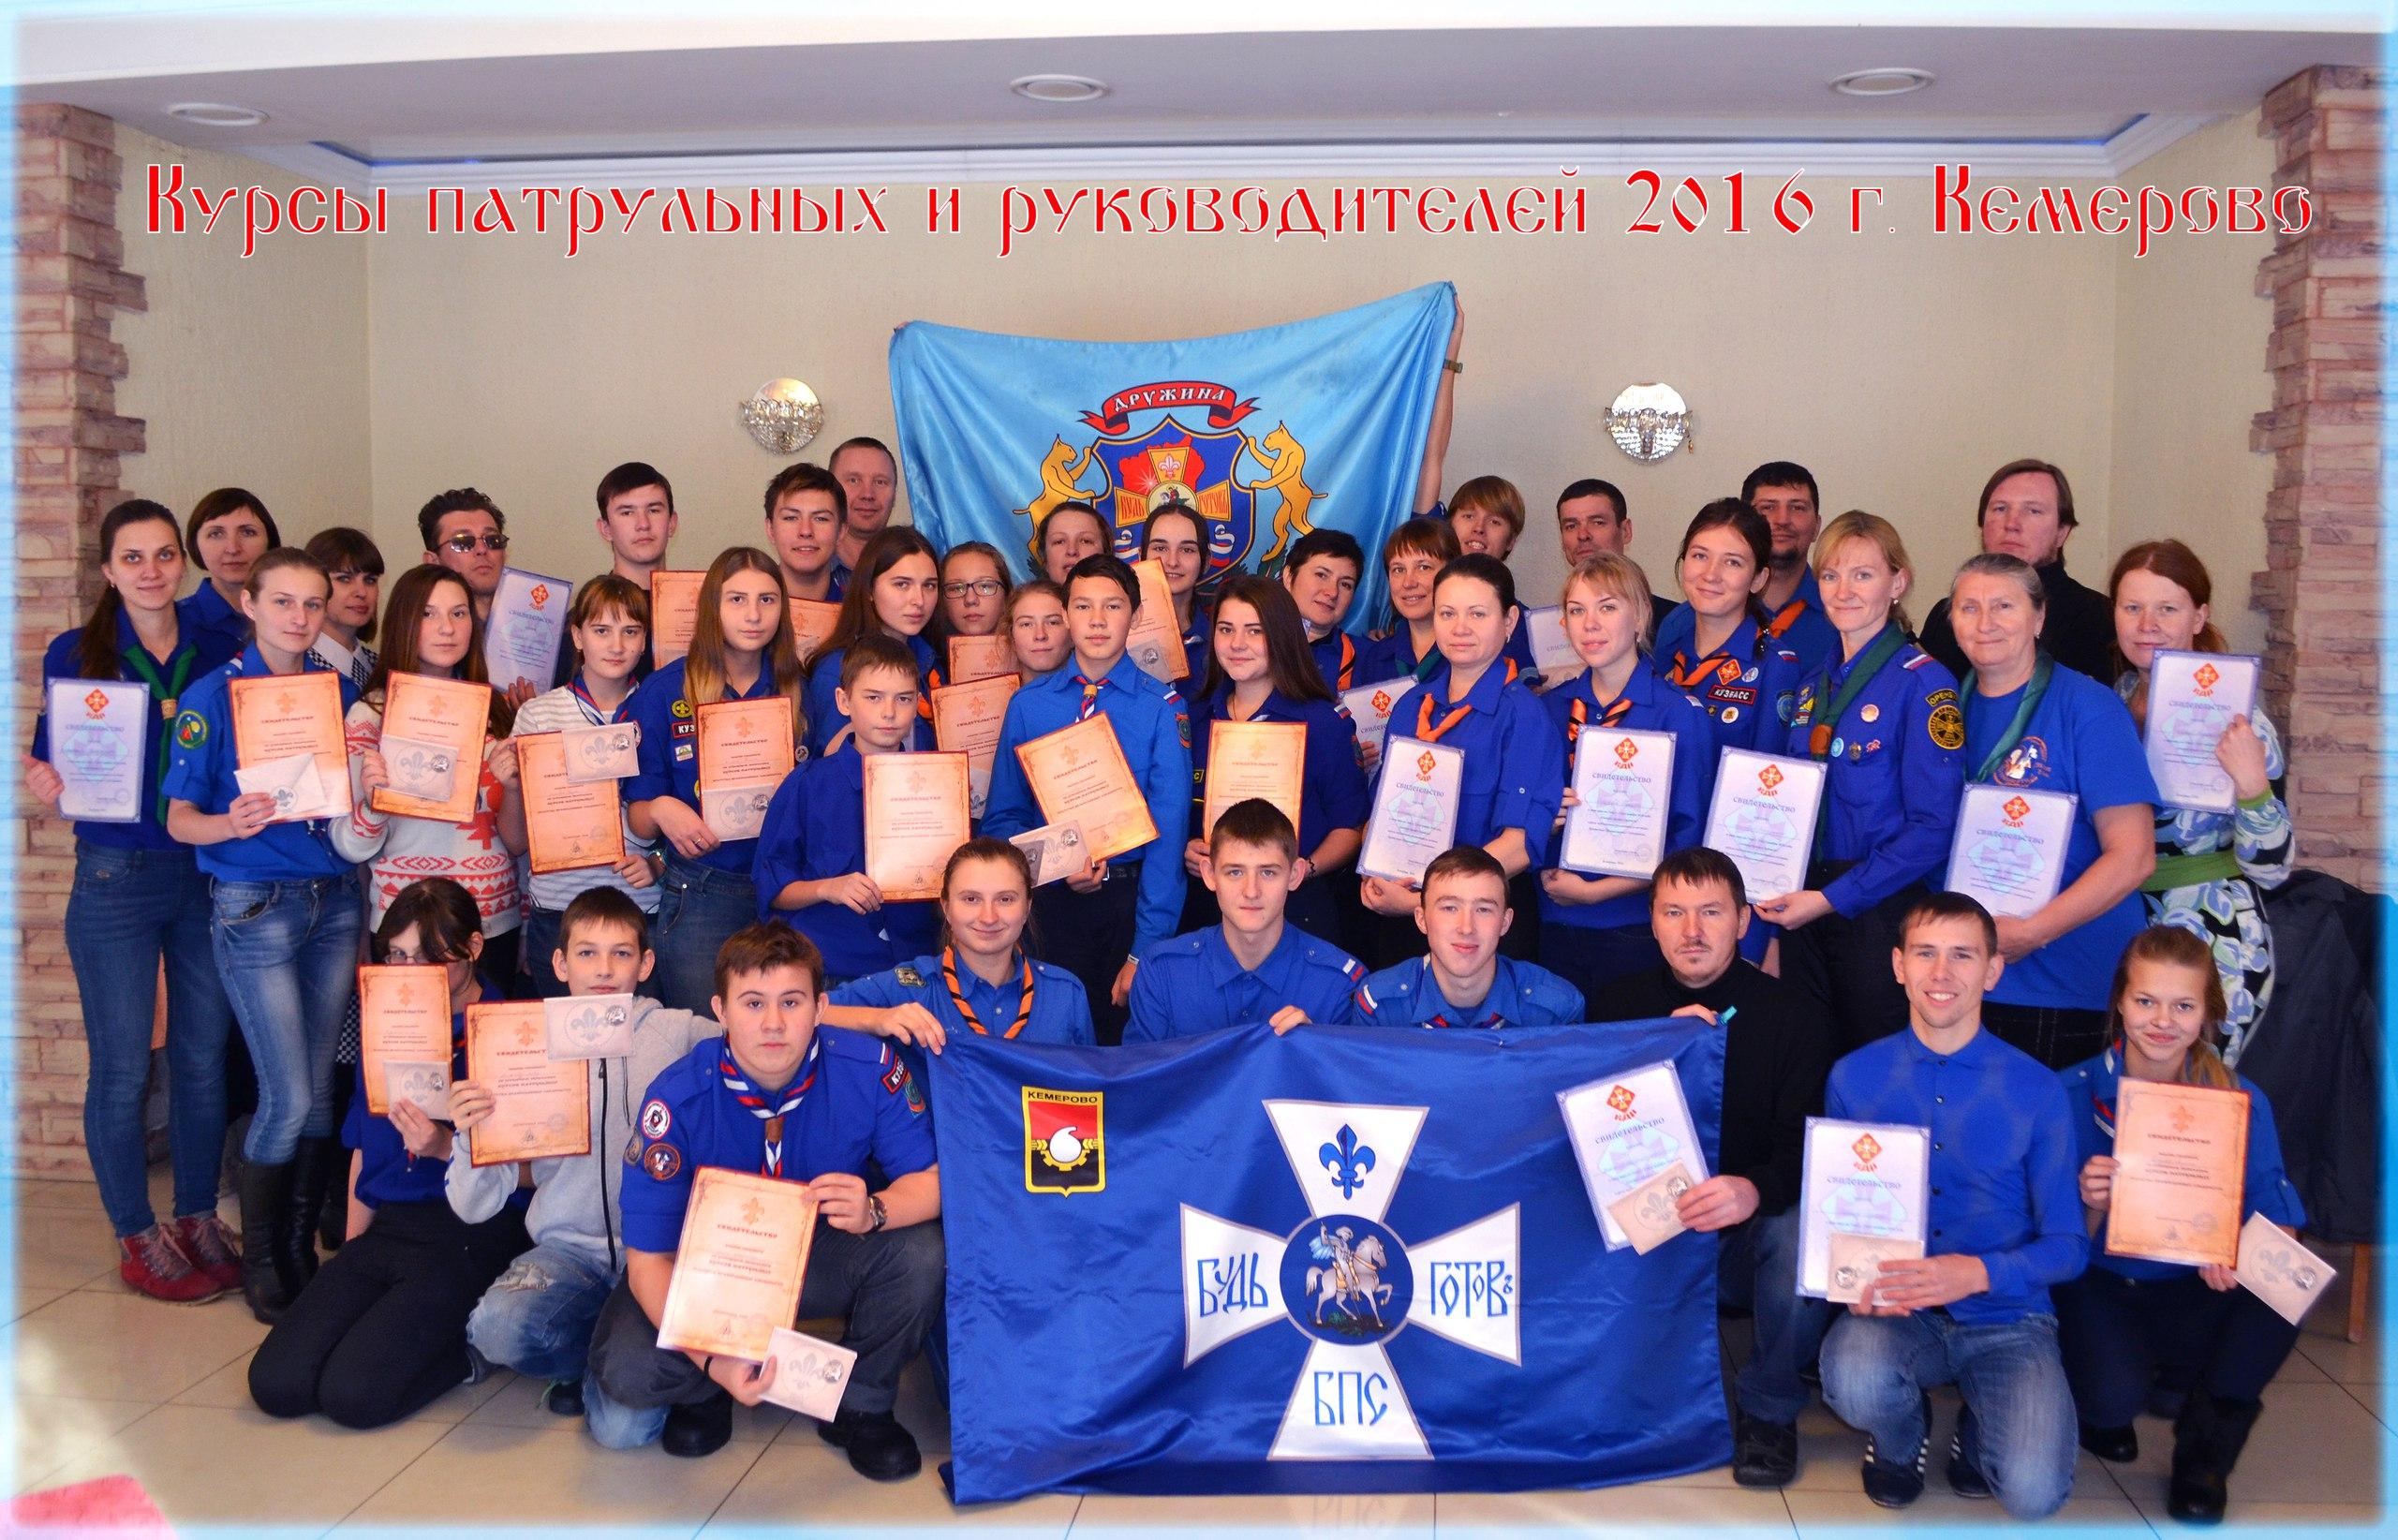 Оренбургские следопыты приняли участие в курсах БПС для руководителей в Кемерово